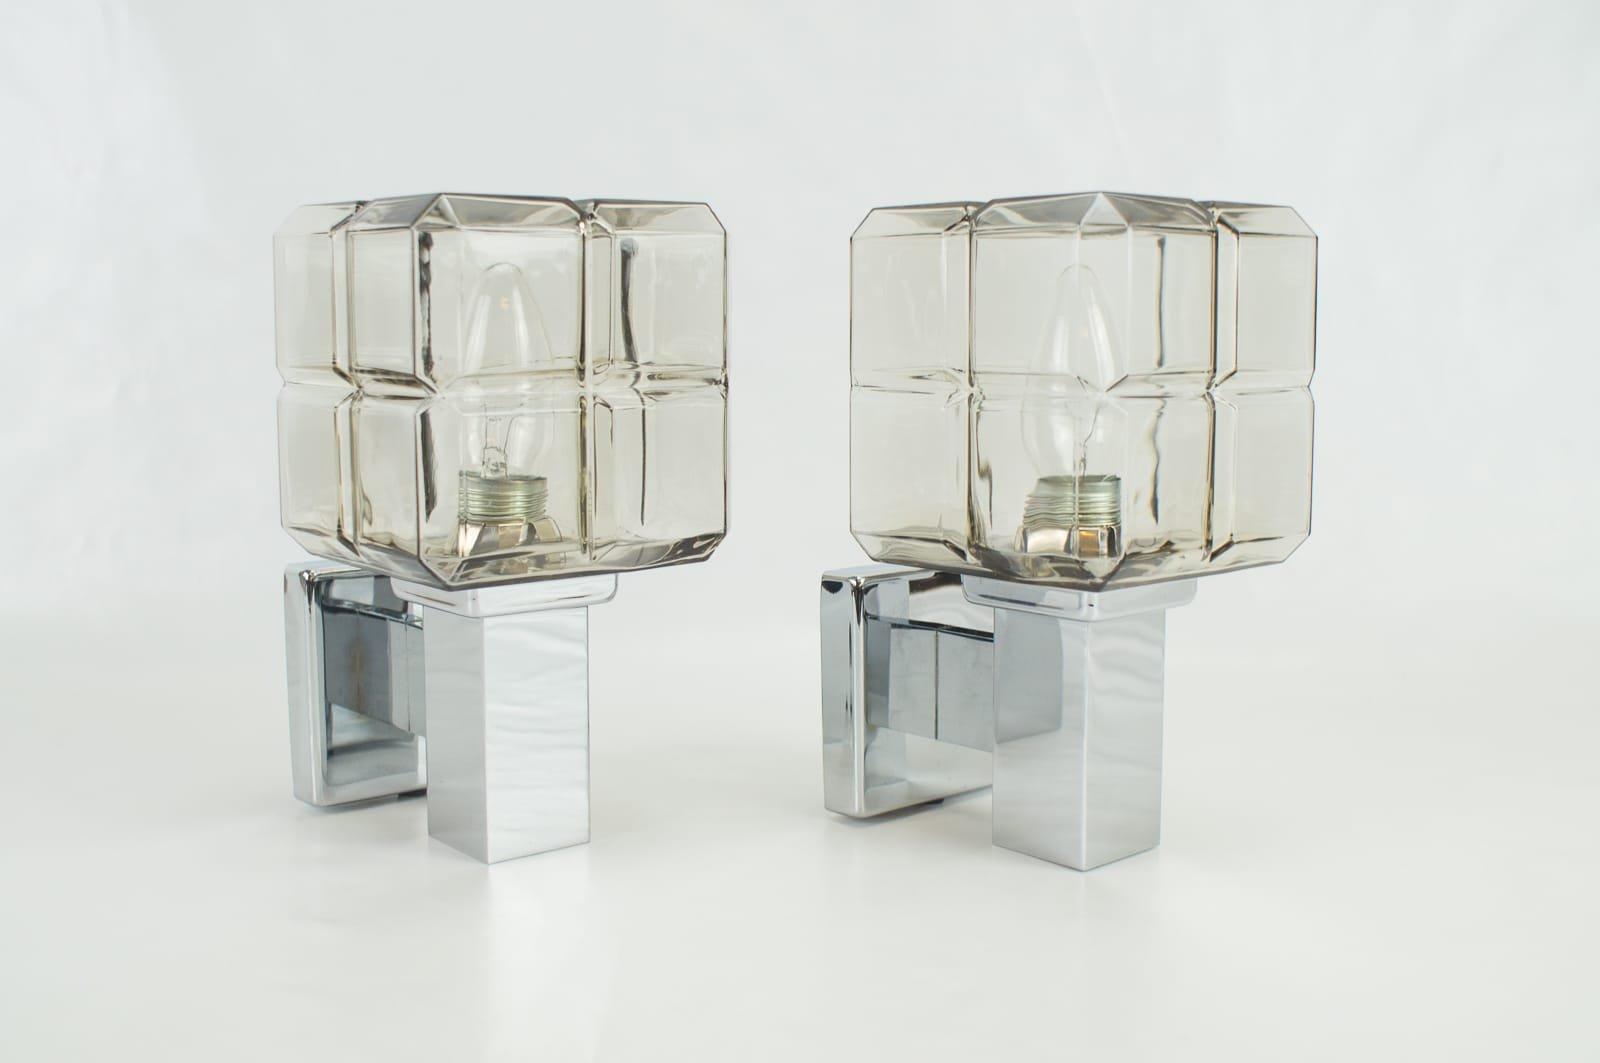 Würfelförmige Wandleuchten aus Chrom und Glas von Hillebrand, 1970er, ...